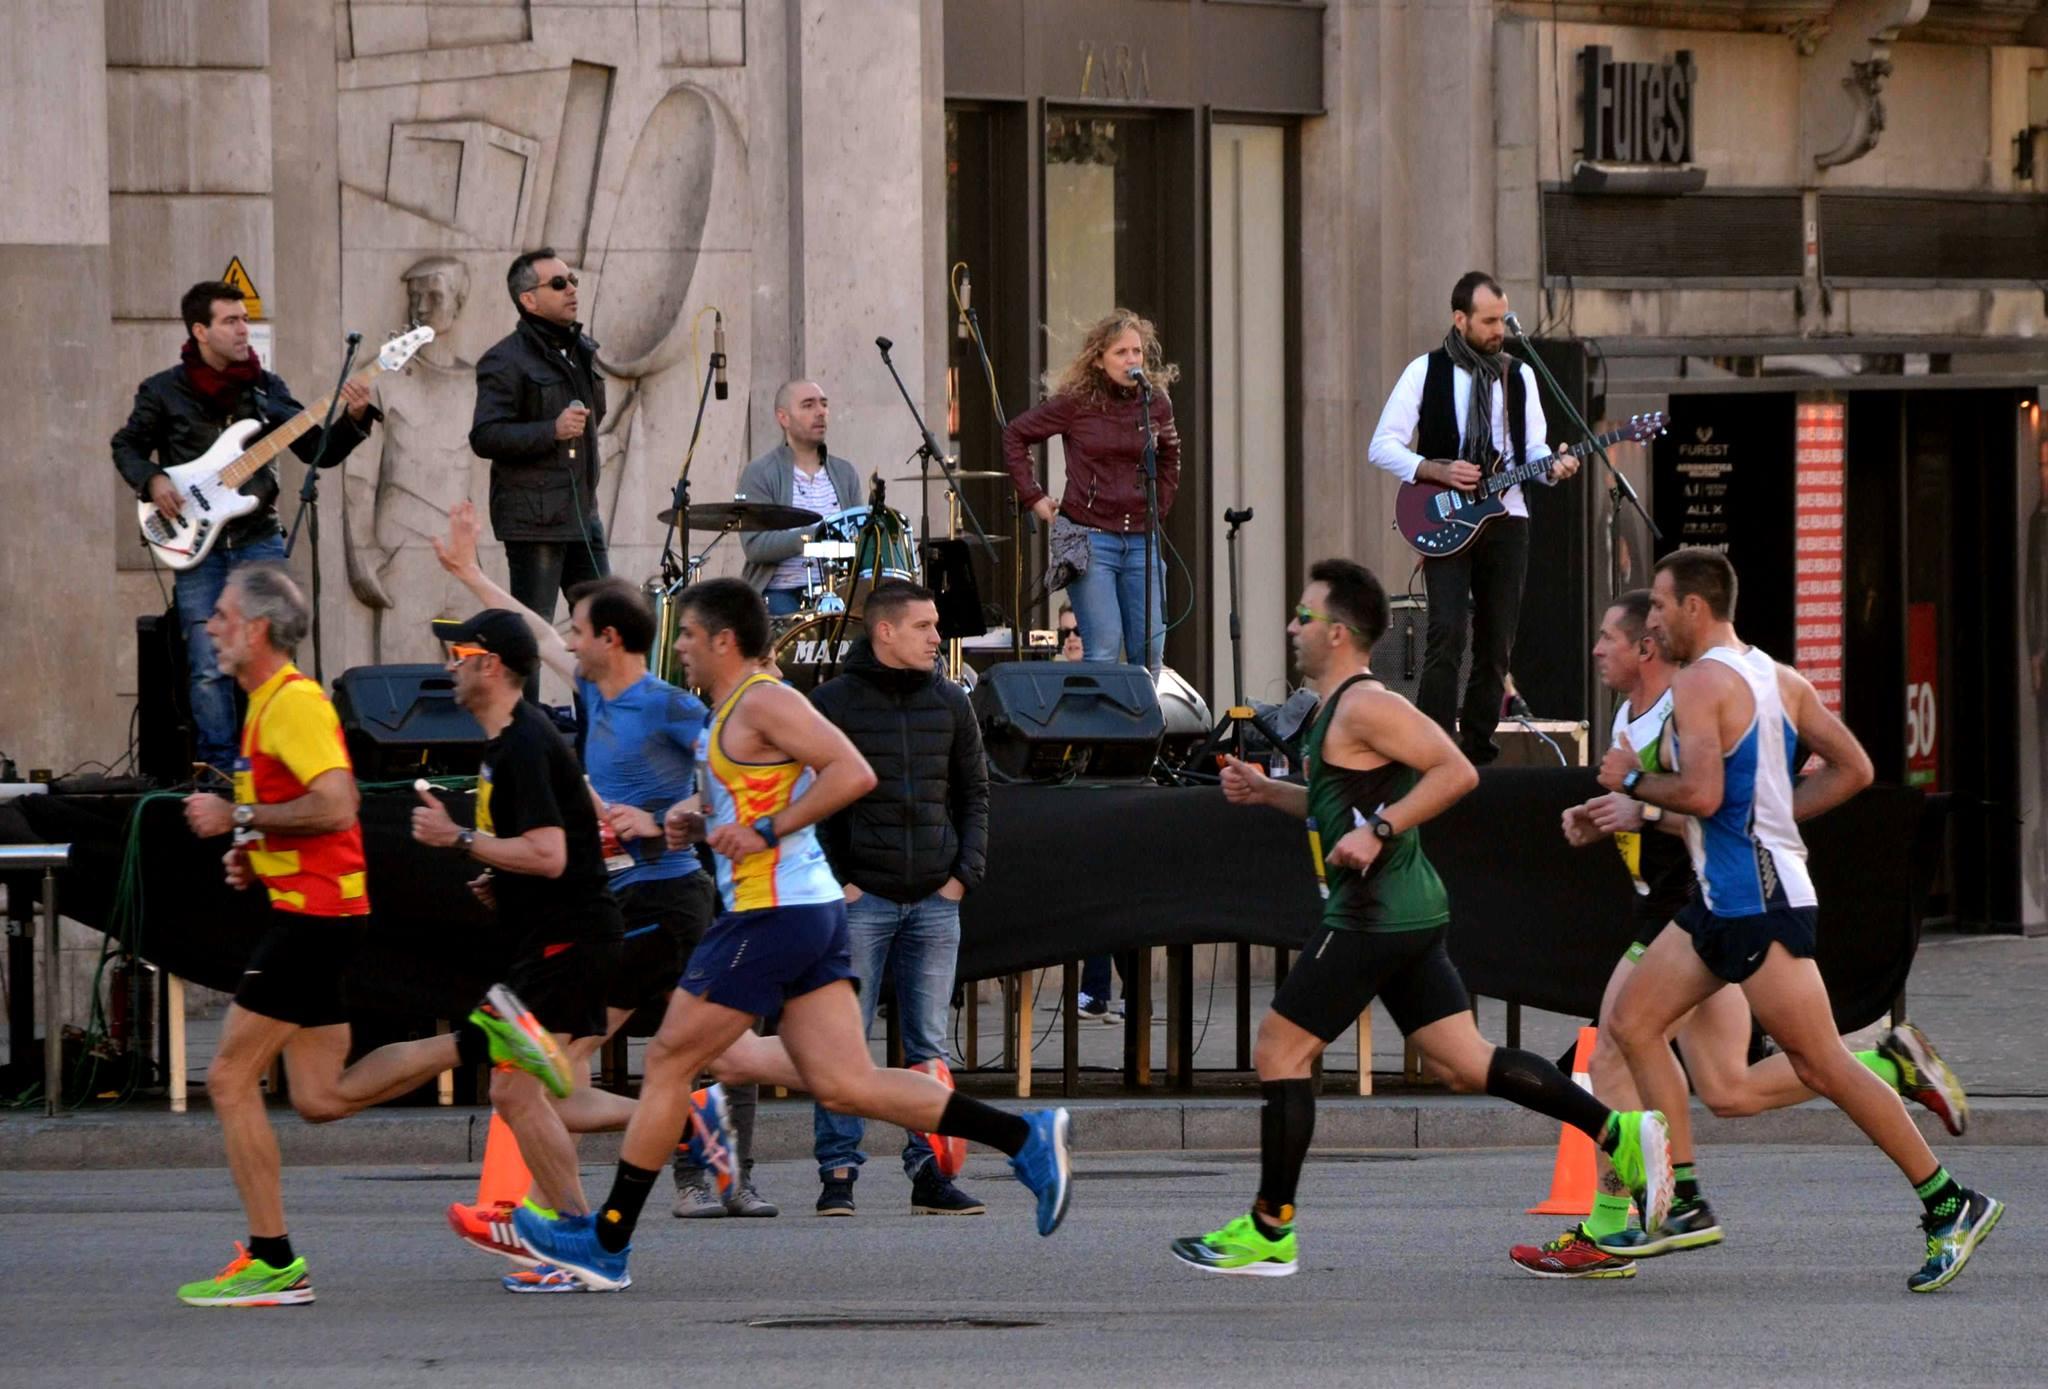 Concierto Hammer to Fall mitja marató de Barcelona escenario completo